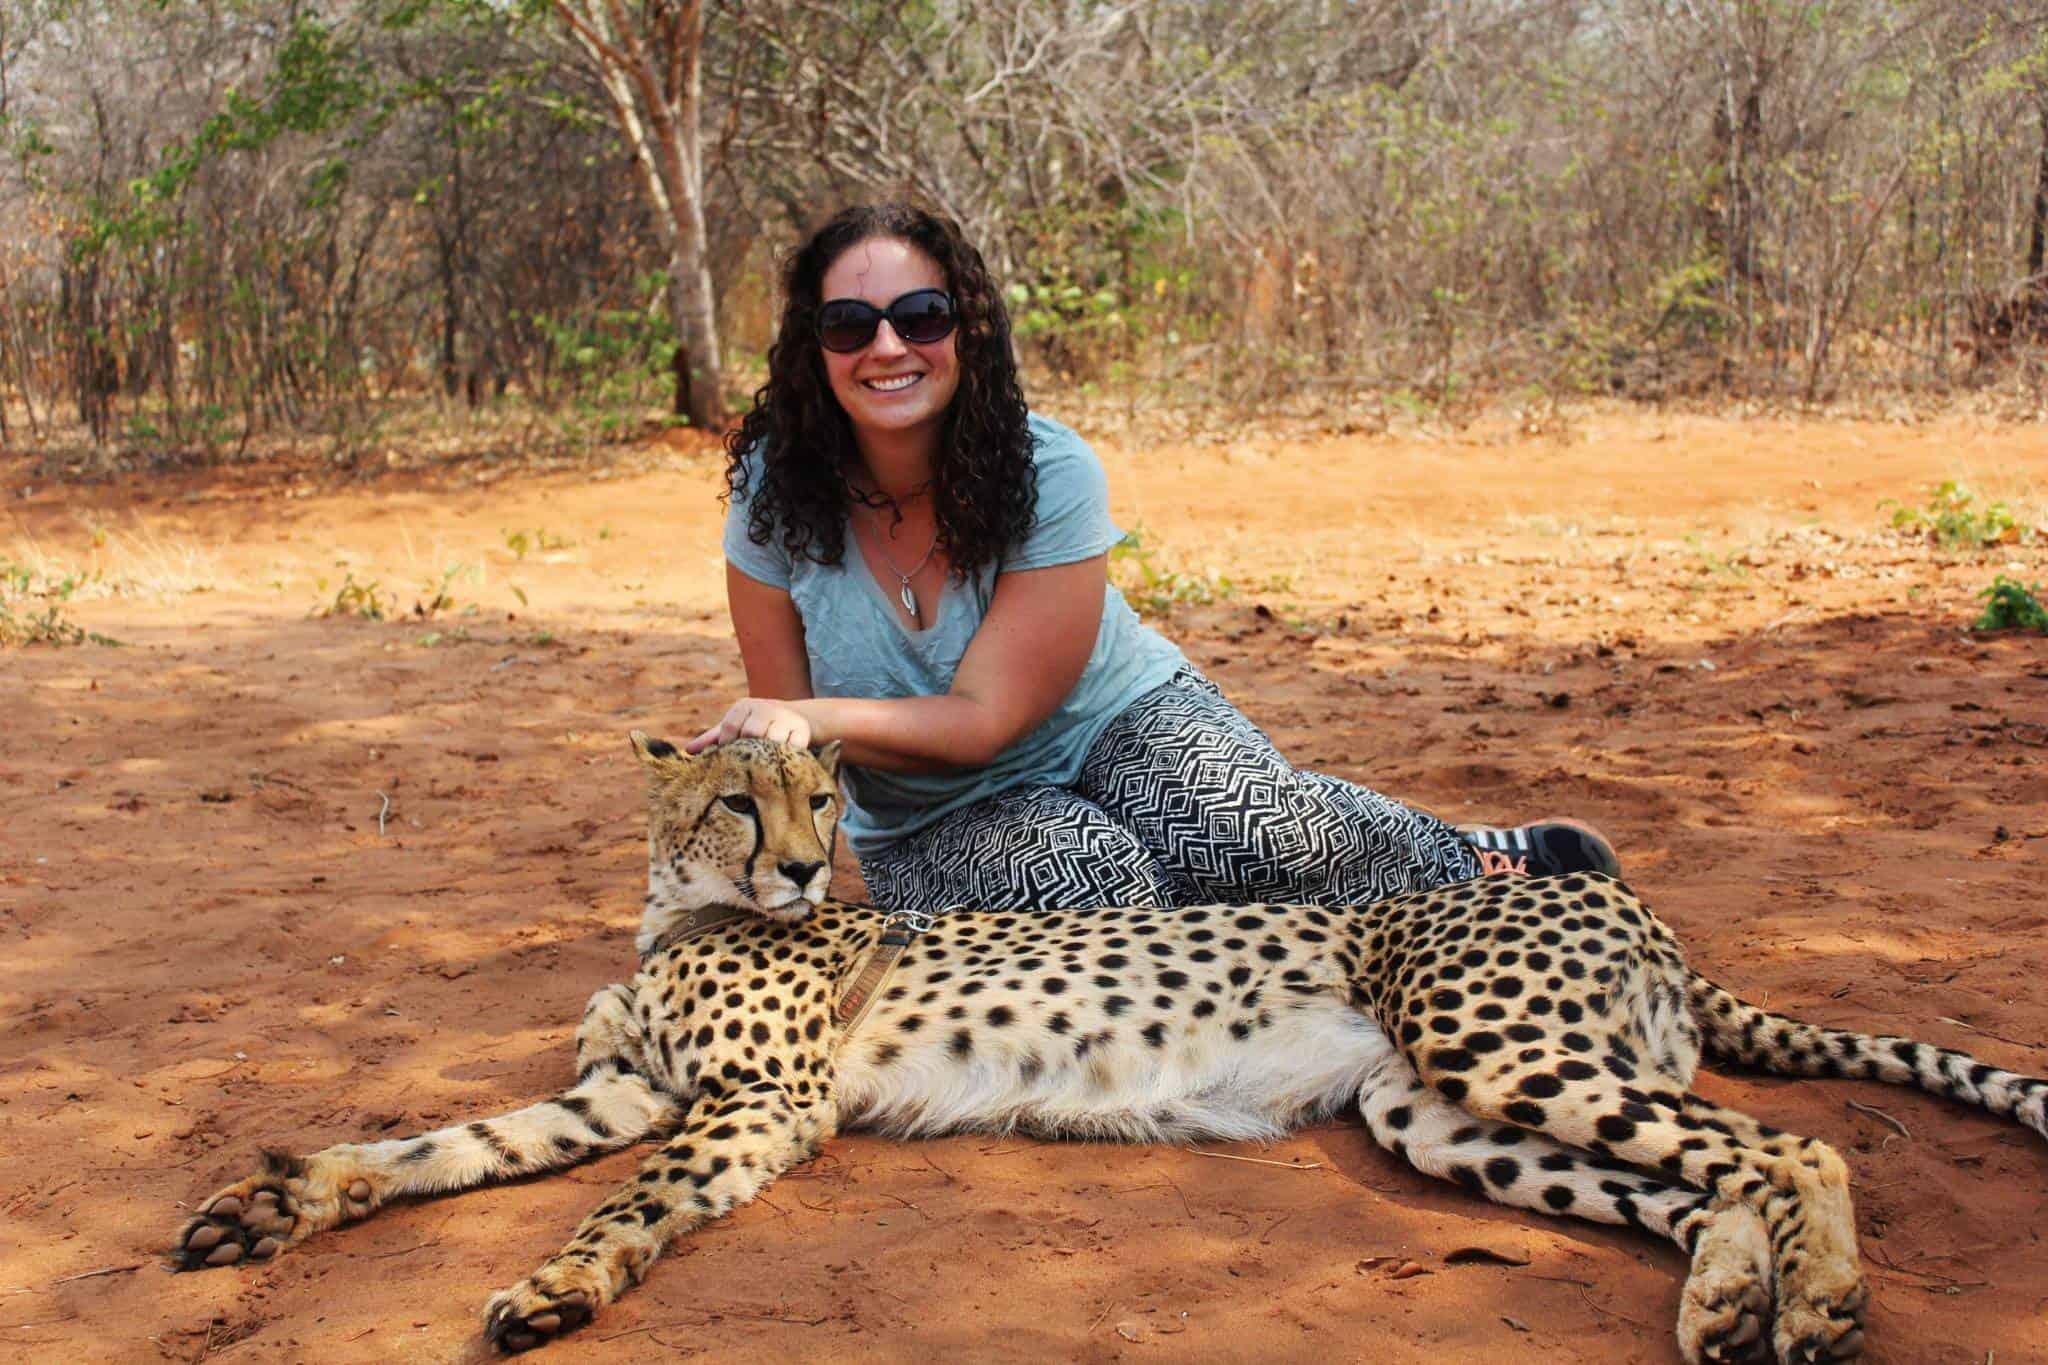 My top wildlife encounters - Travelgal Nicole